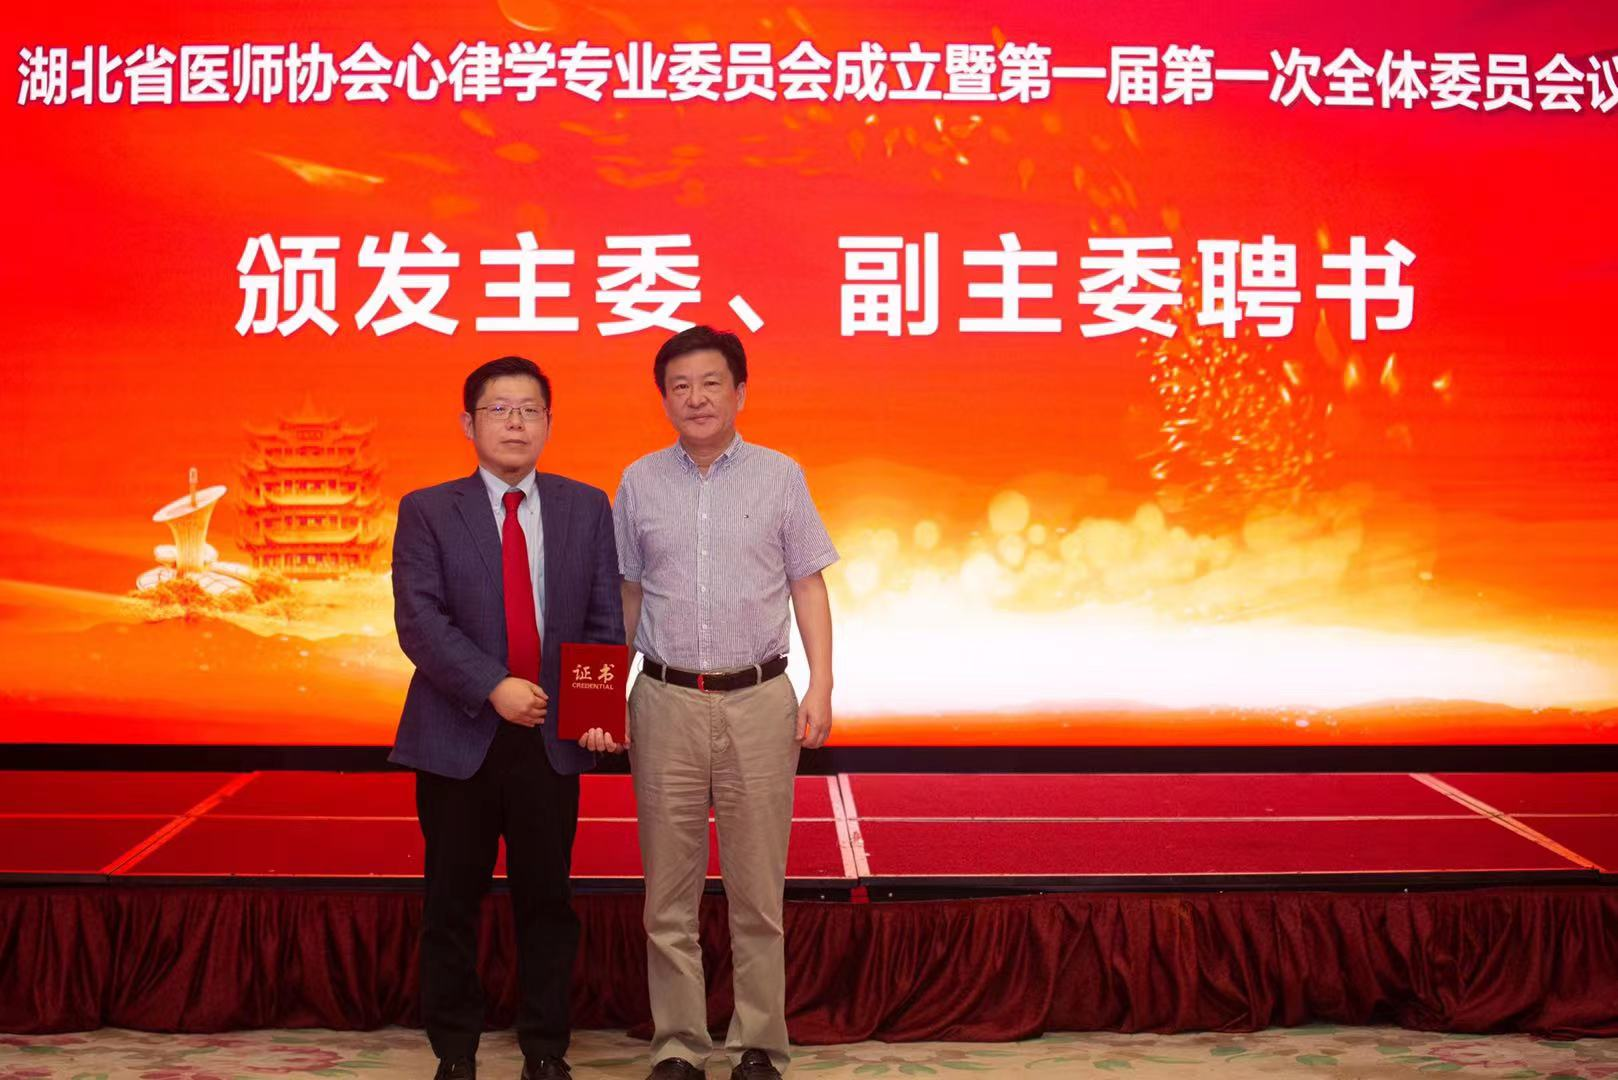 武汉大学人民医院黄鹤教授当选湖北省医师协会心律学 专业委员会首届主任委员